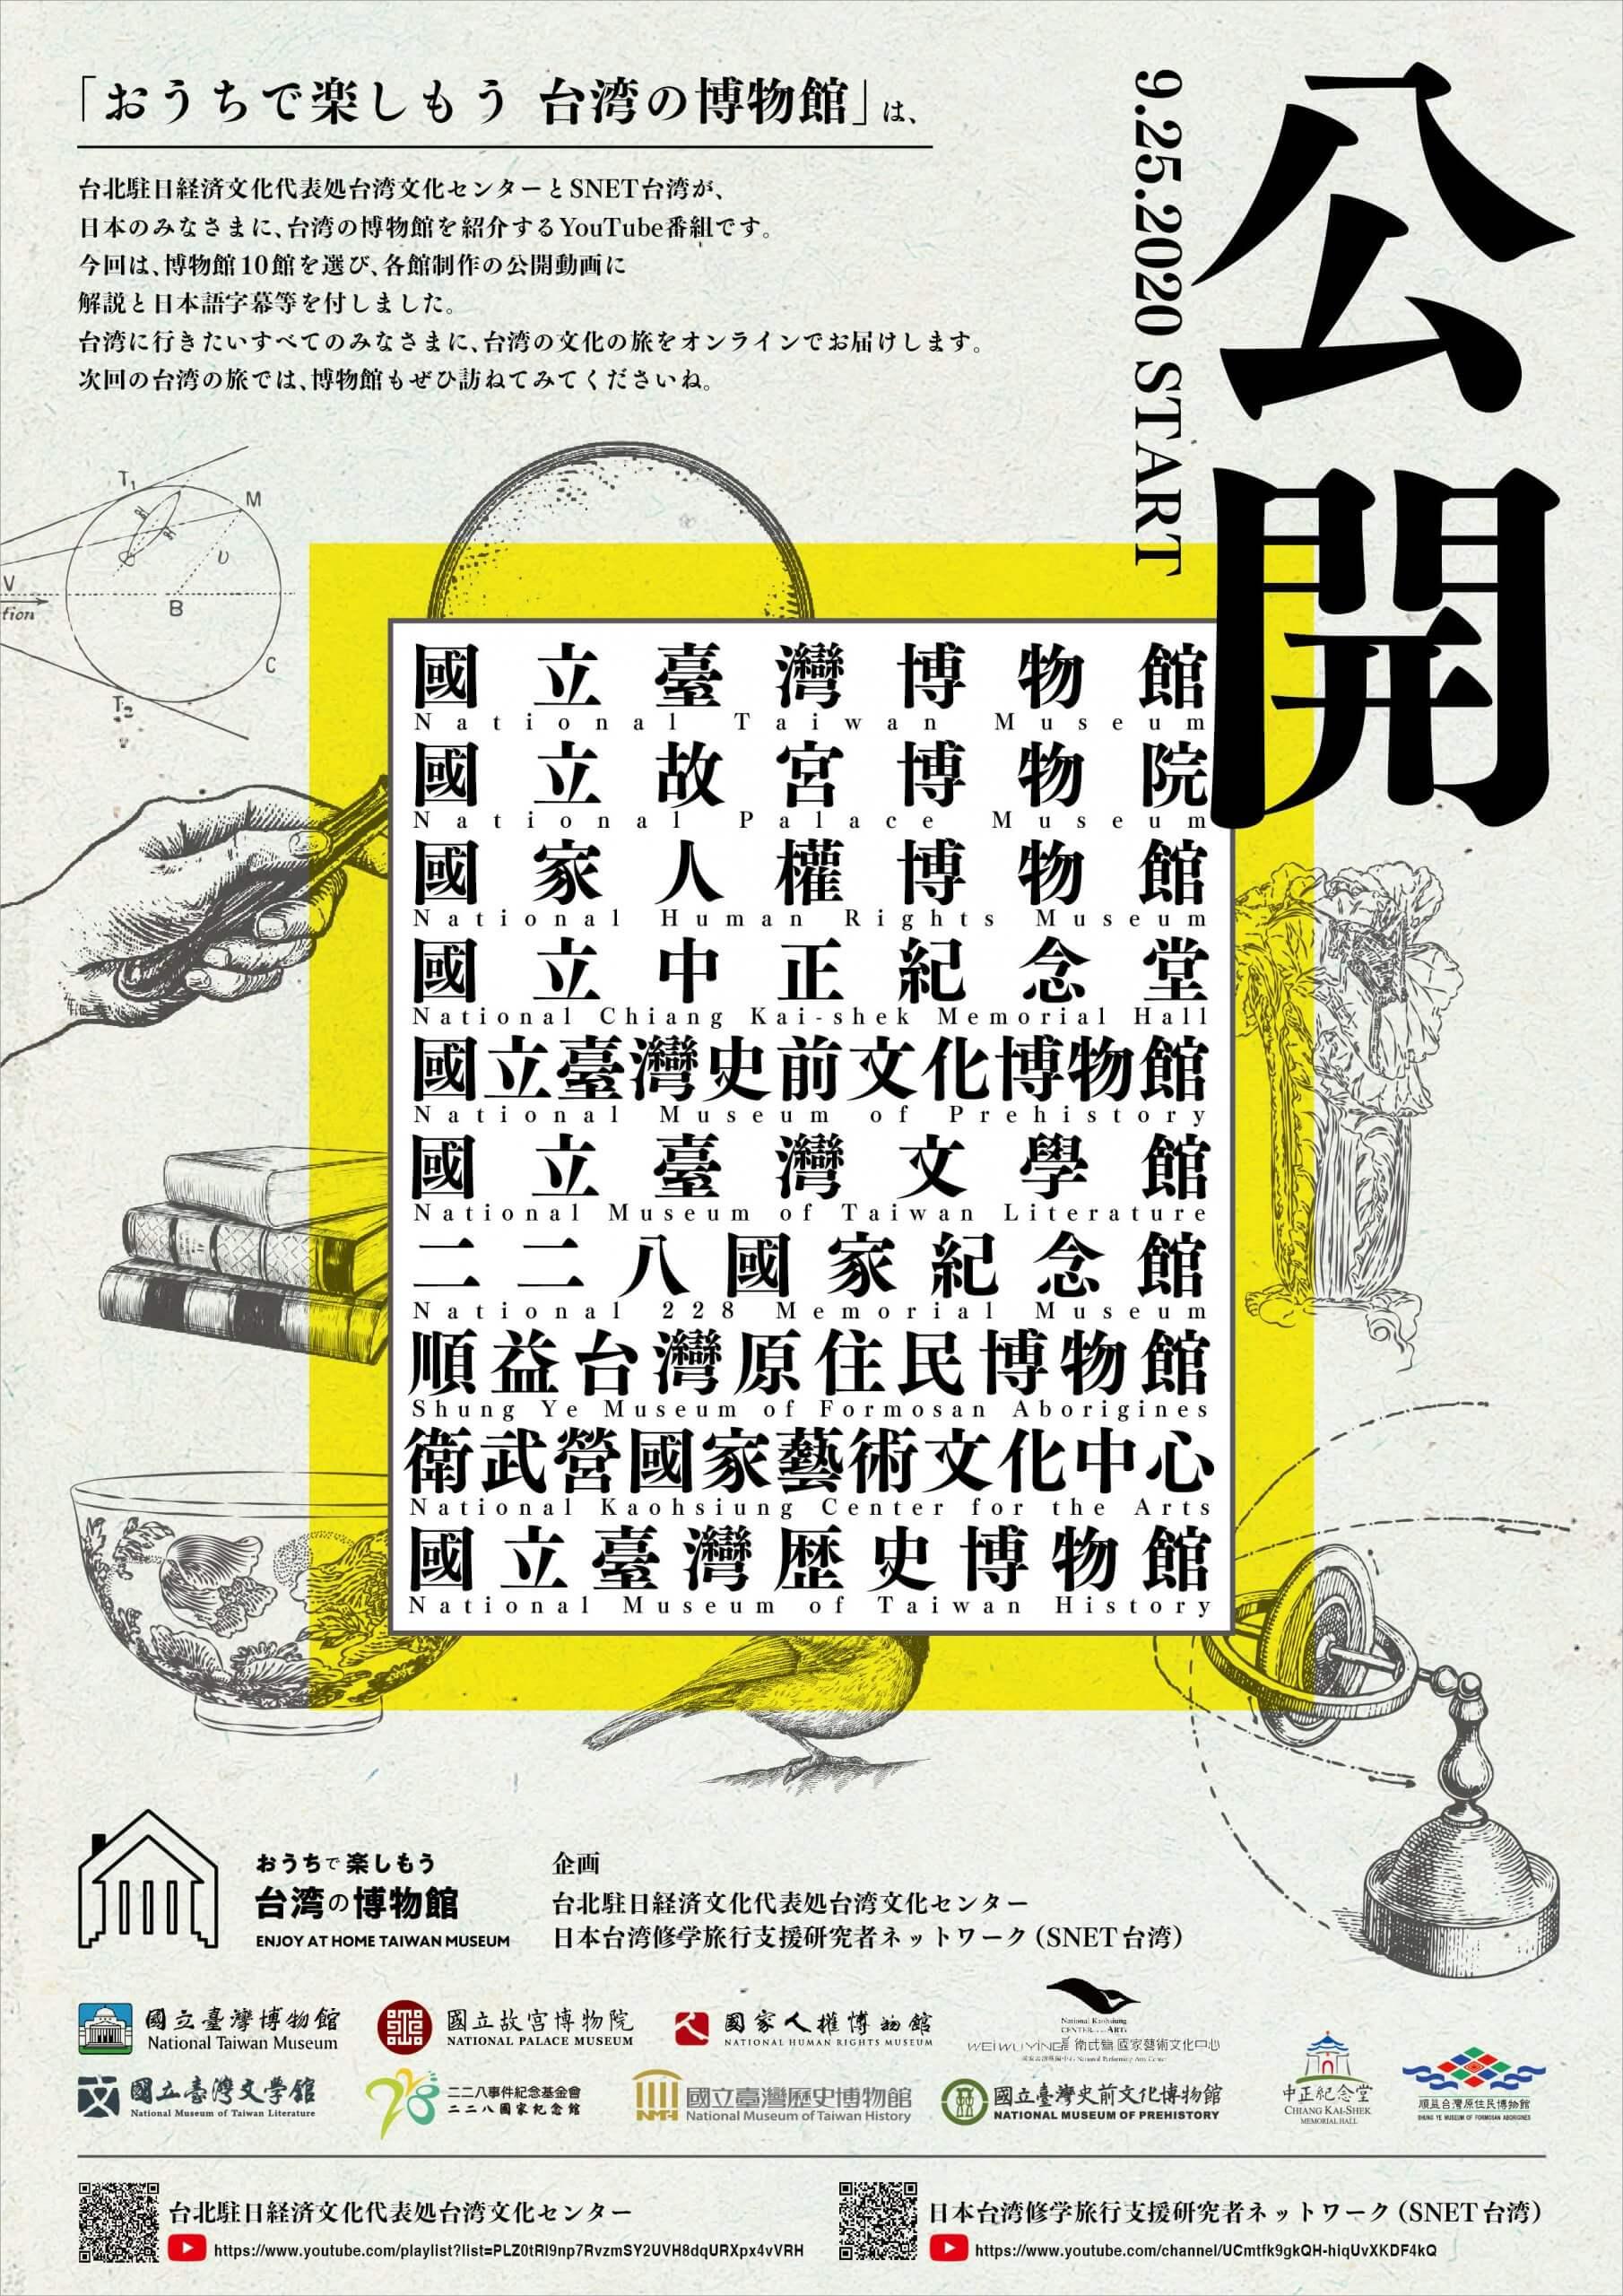 『おうちで楽しもう台湾の博物館』ポスター完成